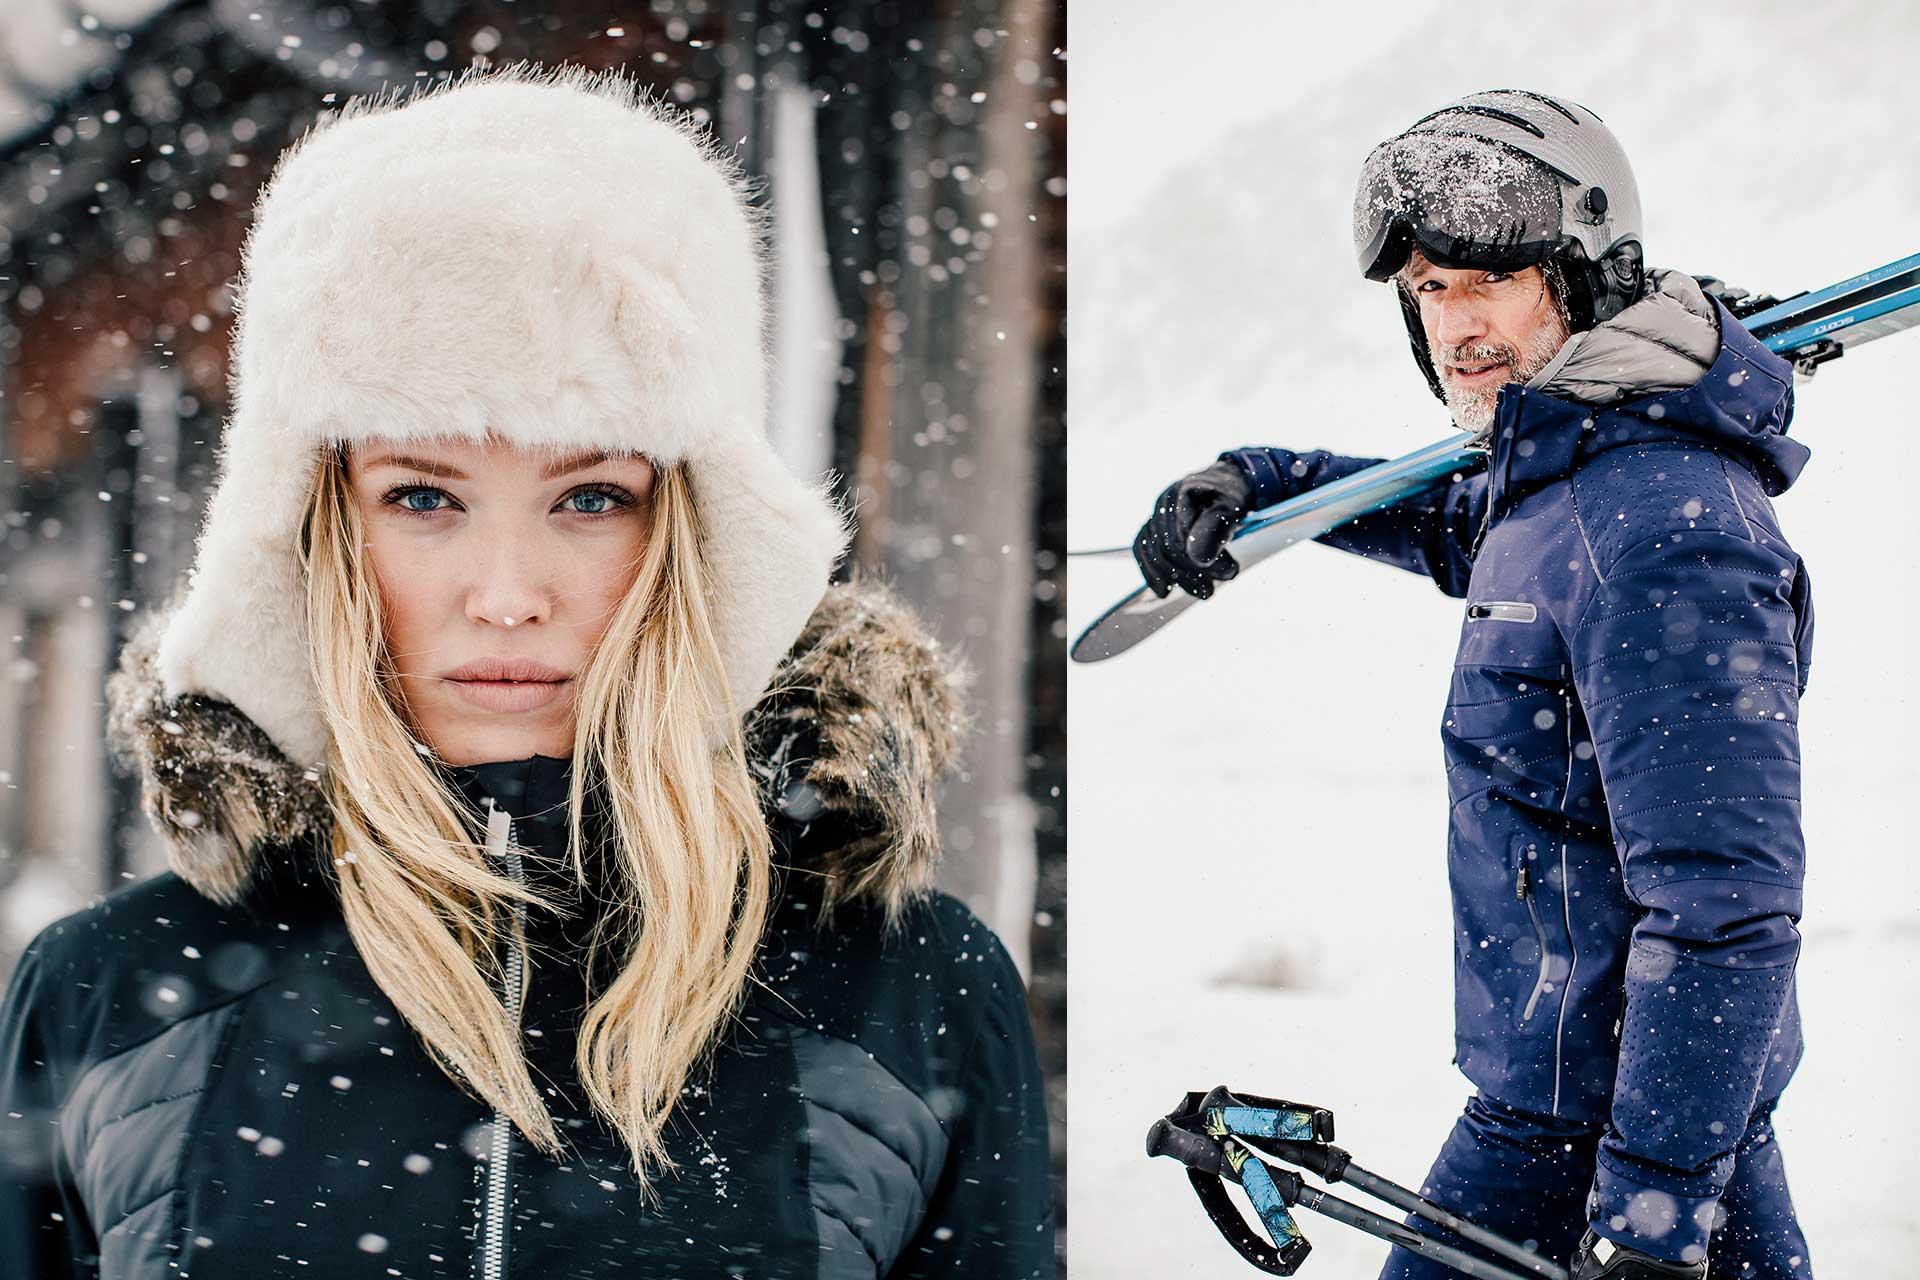 Skimode Wintersport Winter Fotoproduktion Portrait Katalog Schöffel Michael Müller